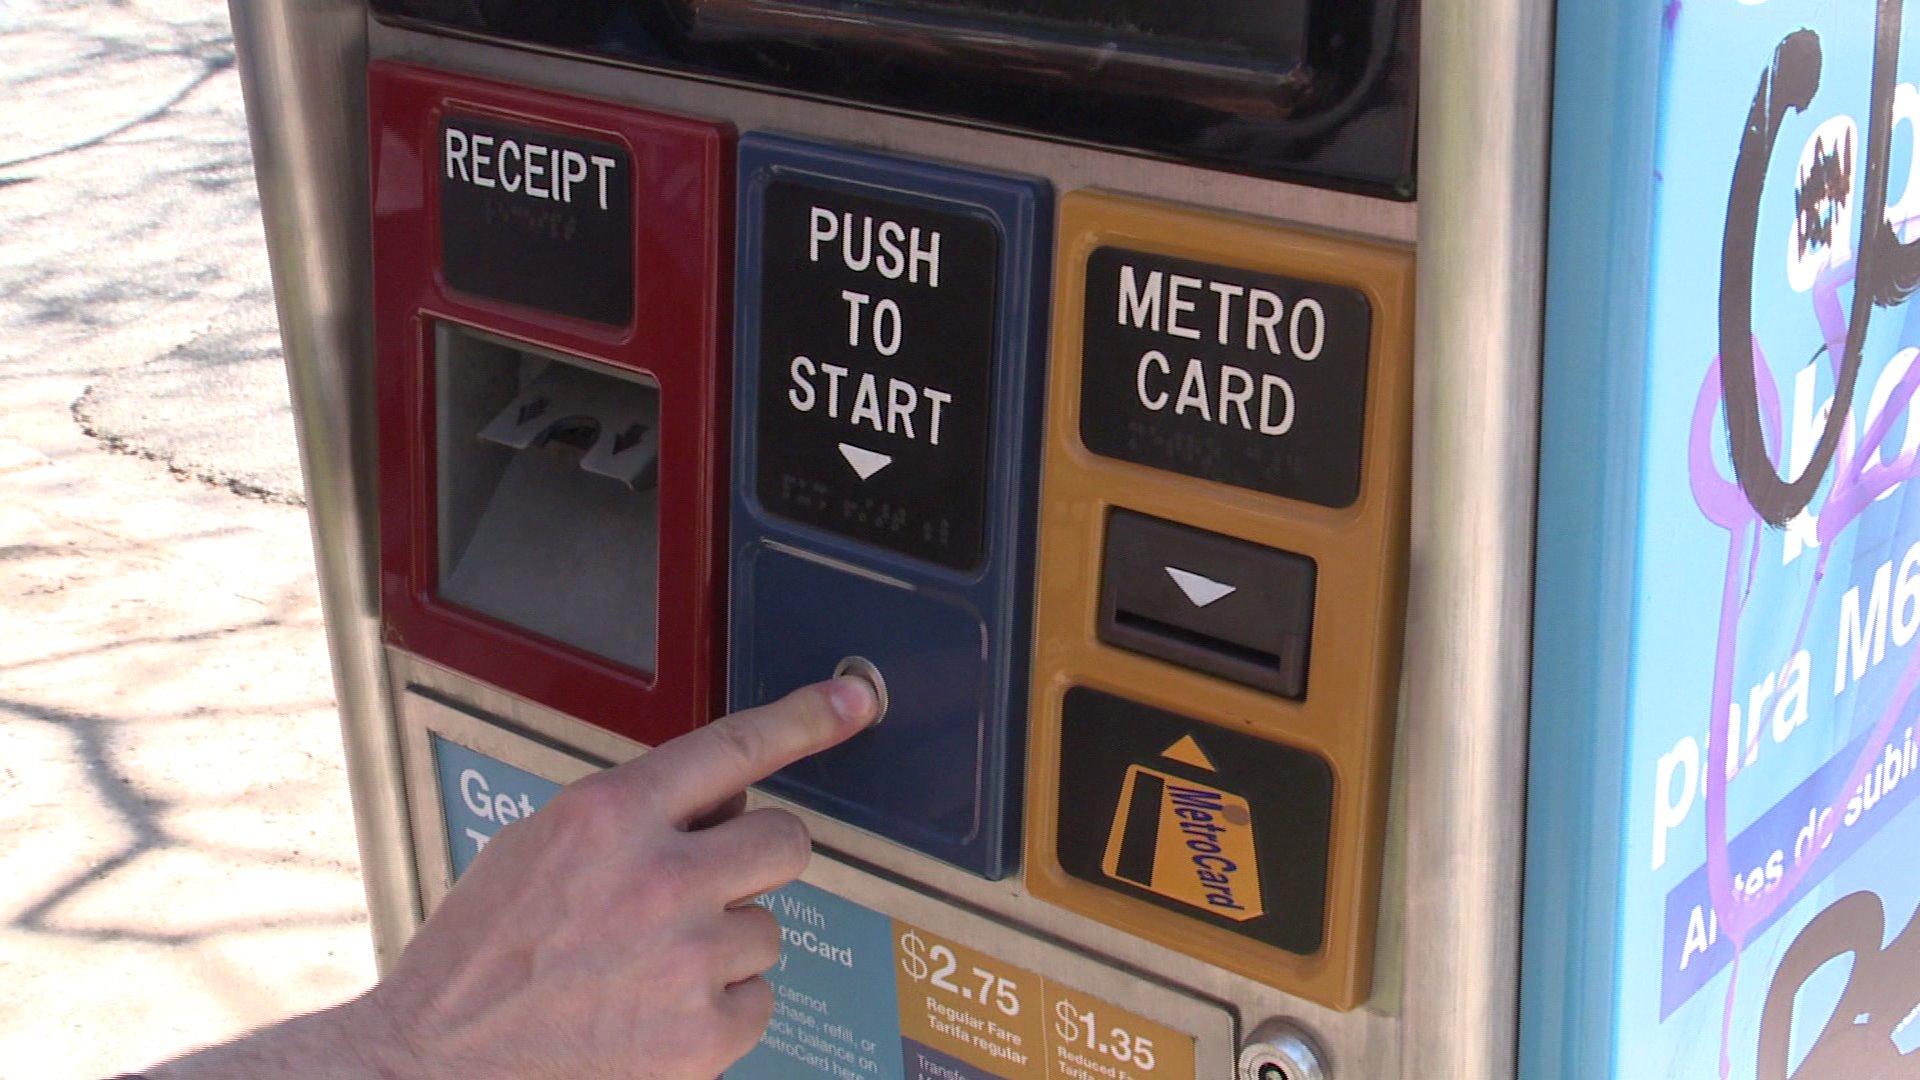 MetroCard machines